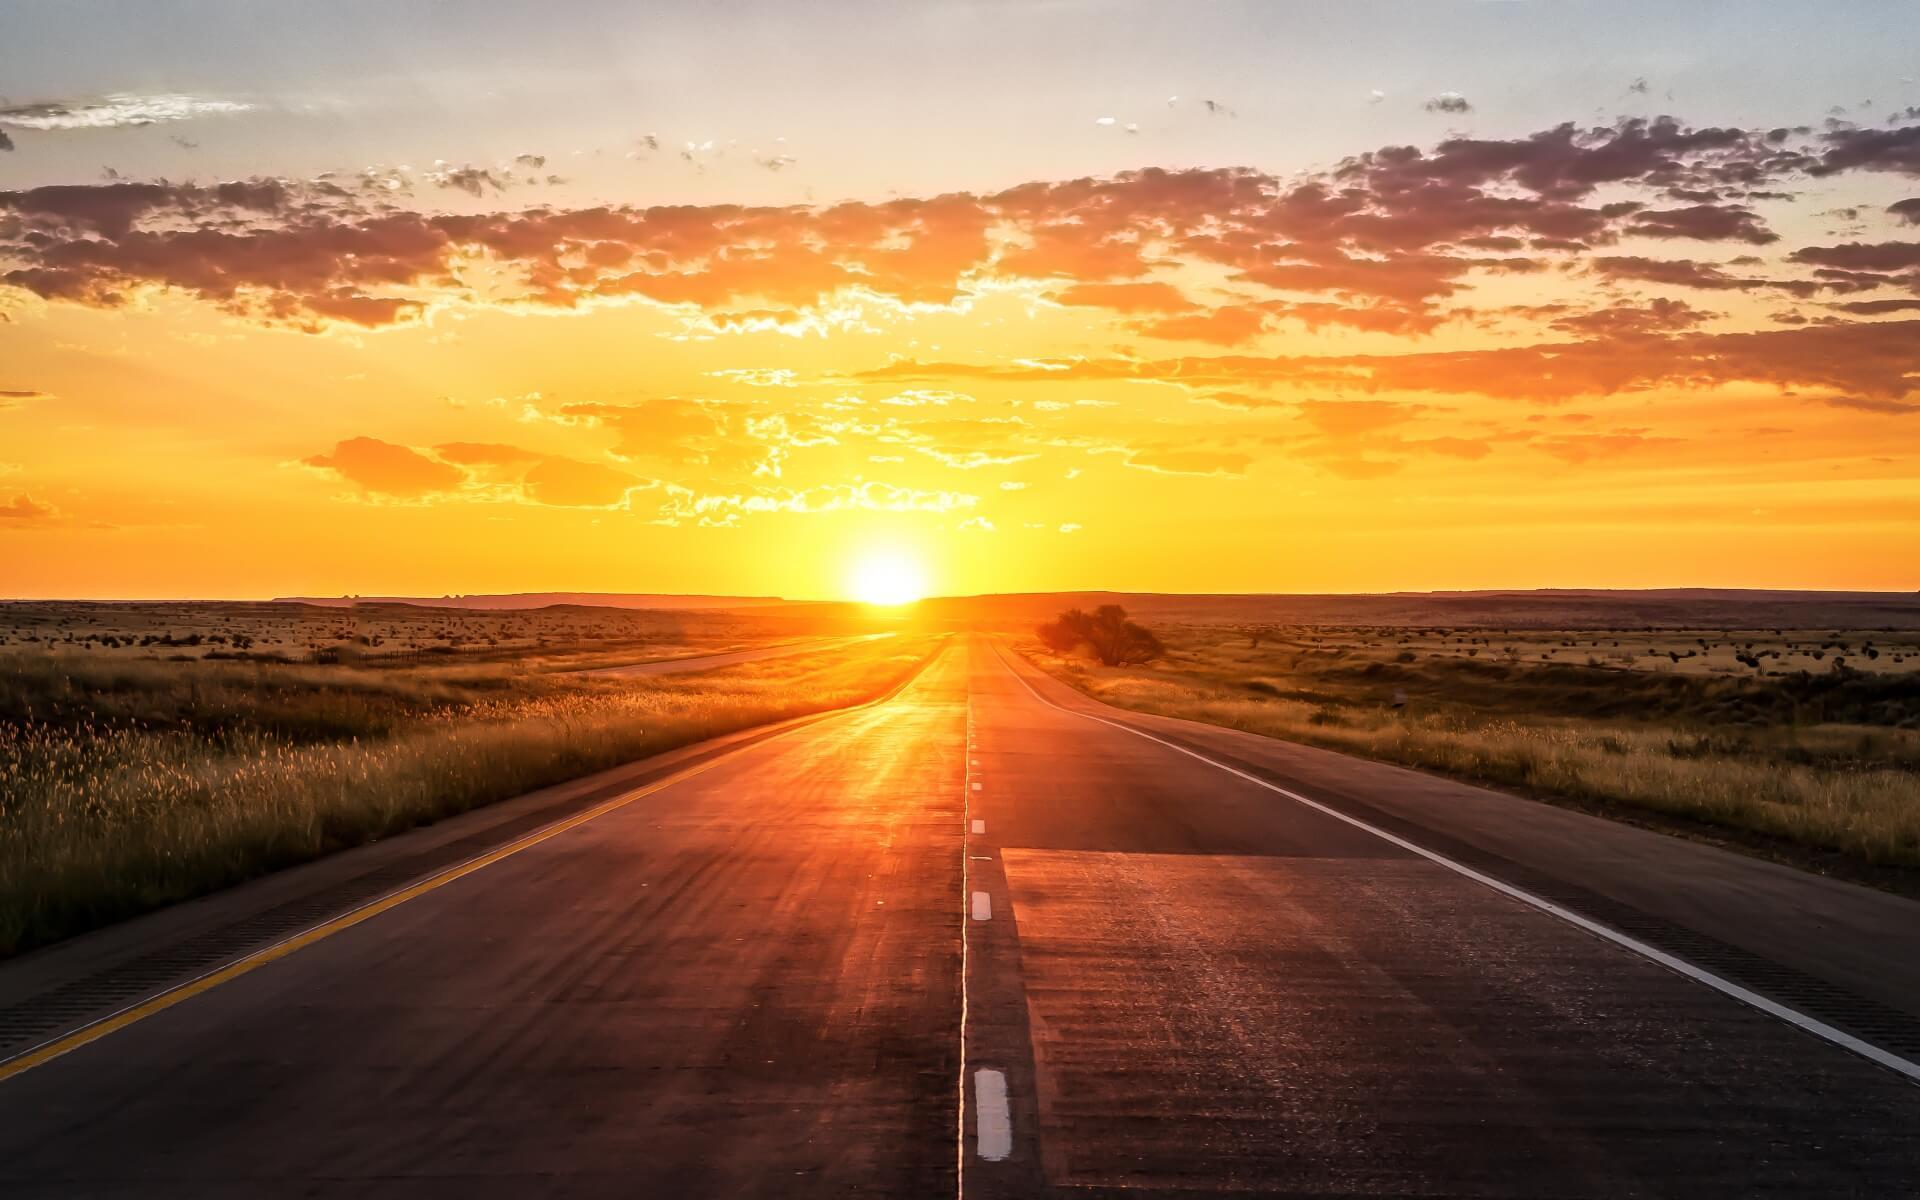 Road-Sunset-Wallpaper.jpg